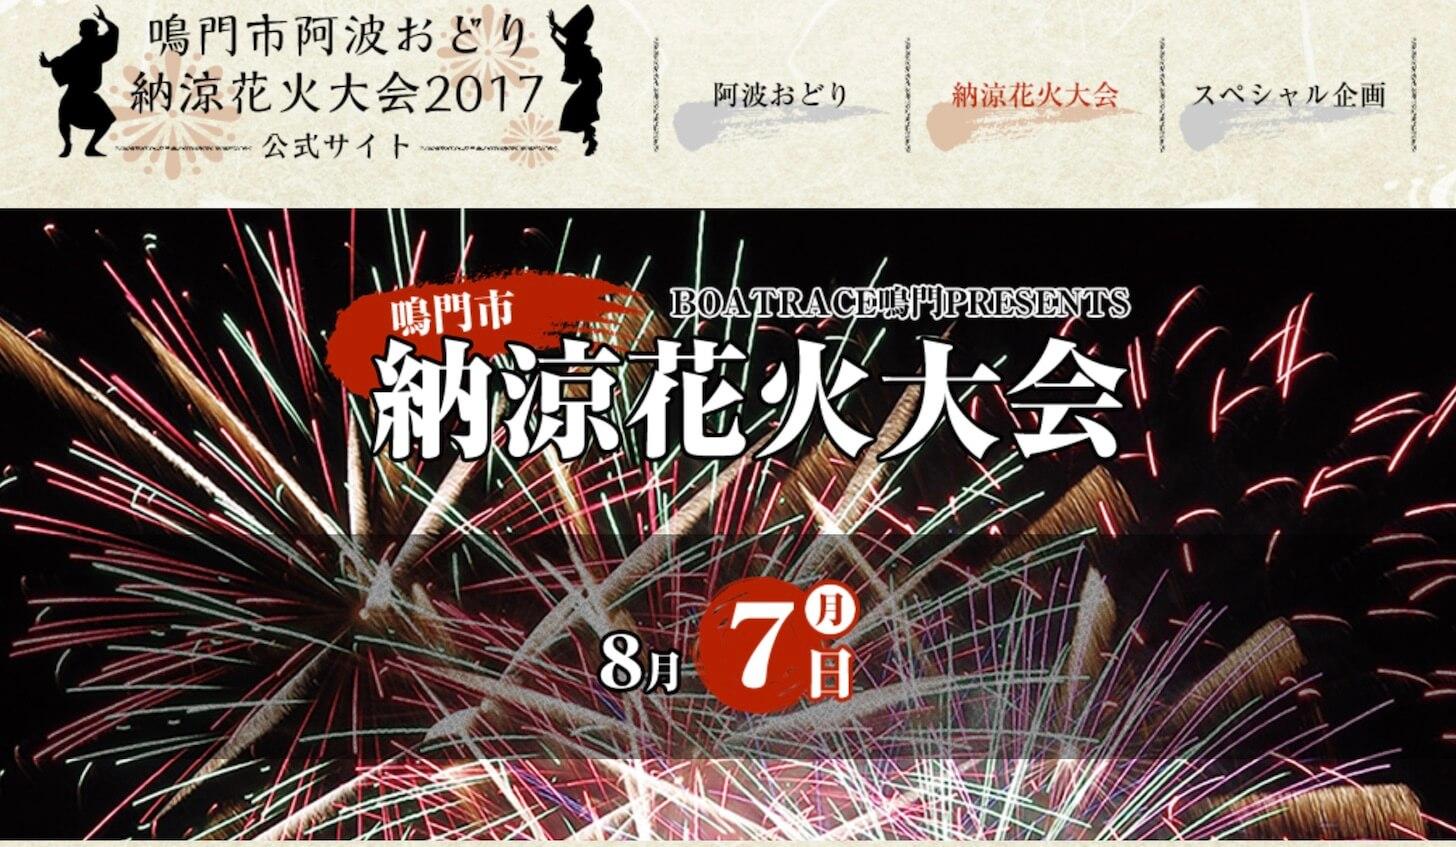 鳴門花火大会公式サイト